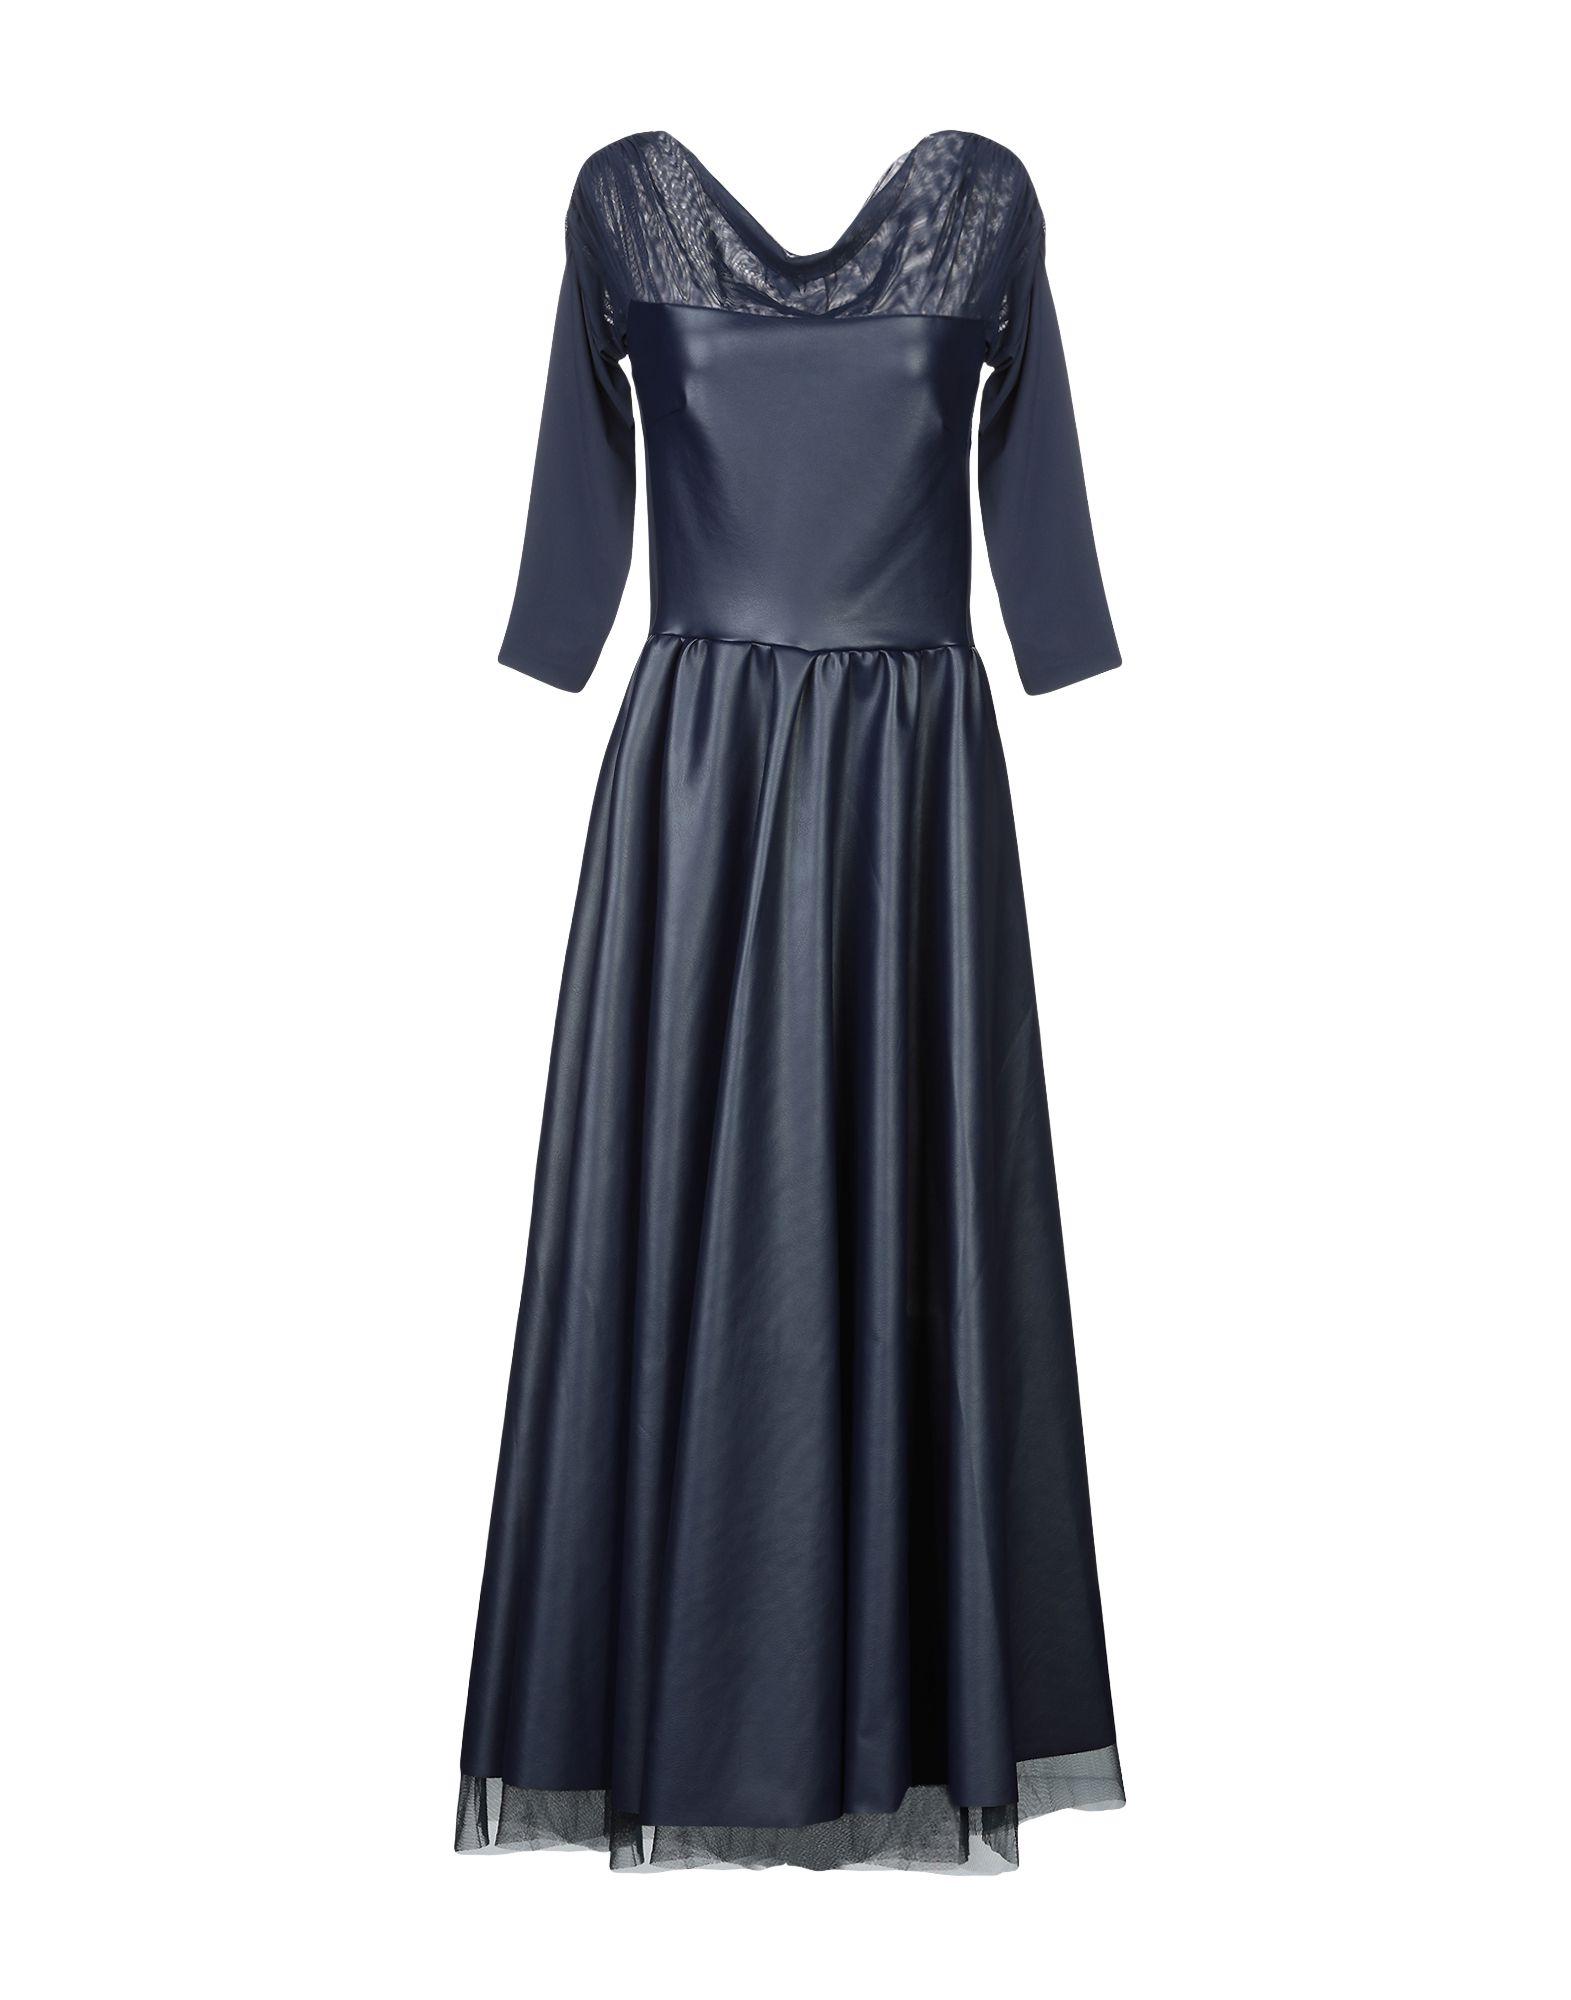 CHIARA BONI LA PETITE ROBE Платье длиной 3/4